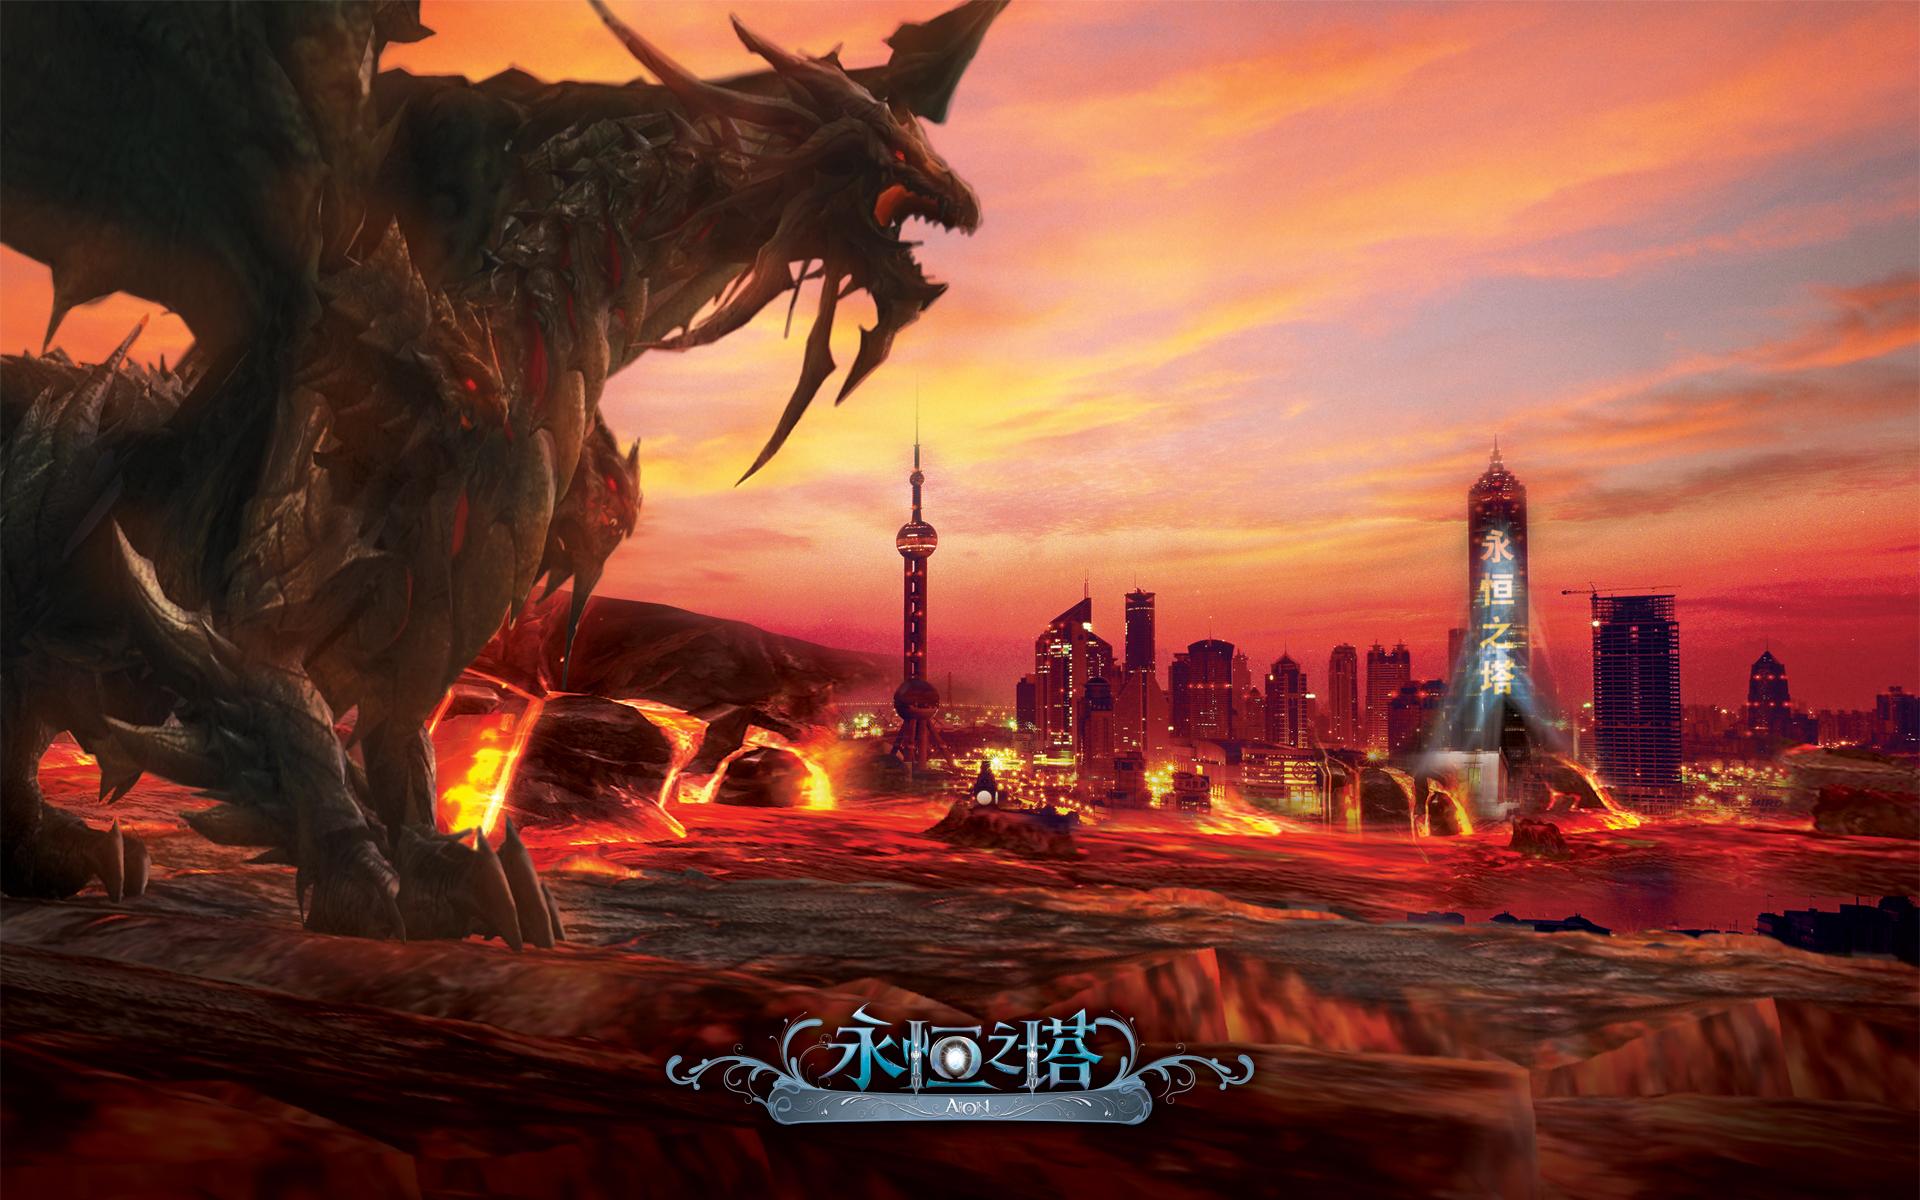 永恒之塔(aion) - 游戏图片